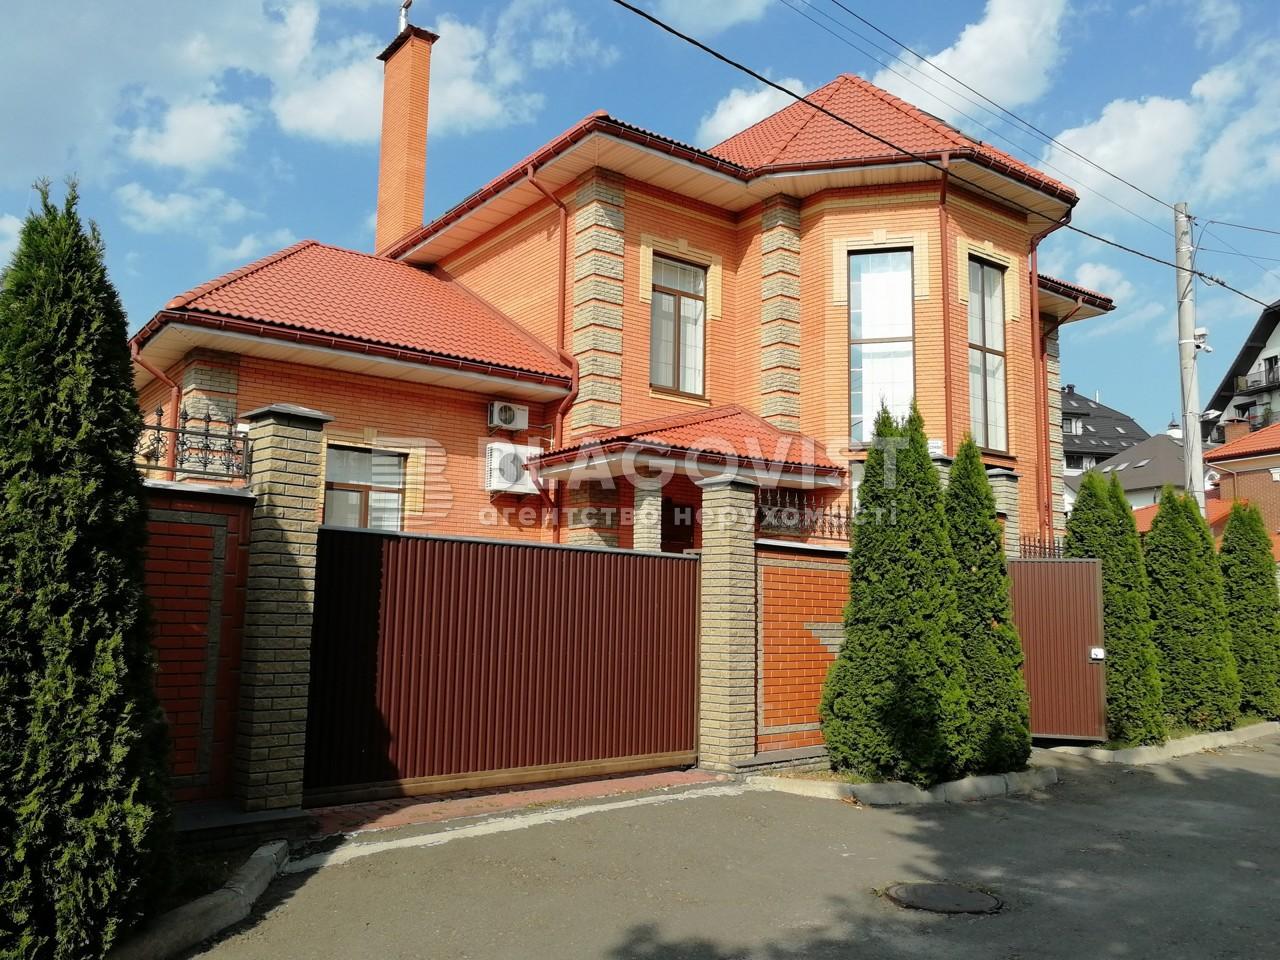 Будинок A-102842, Вільямса Академіка, Київ - Фото 1